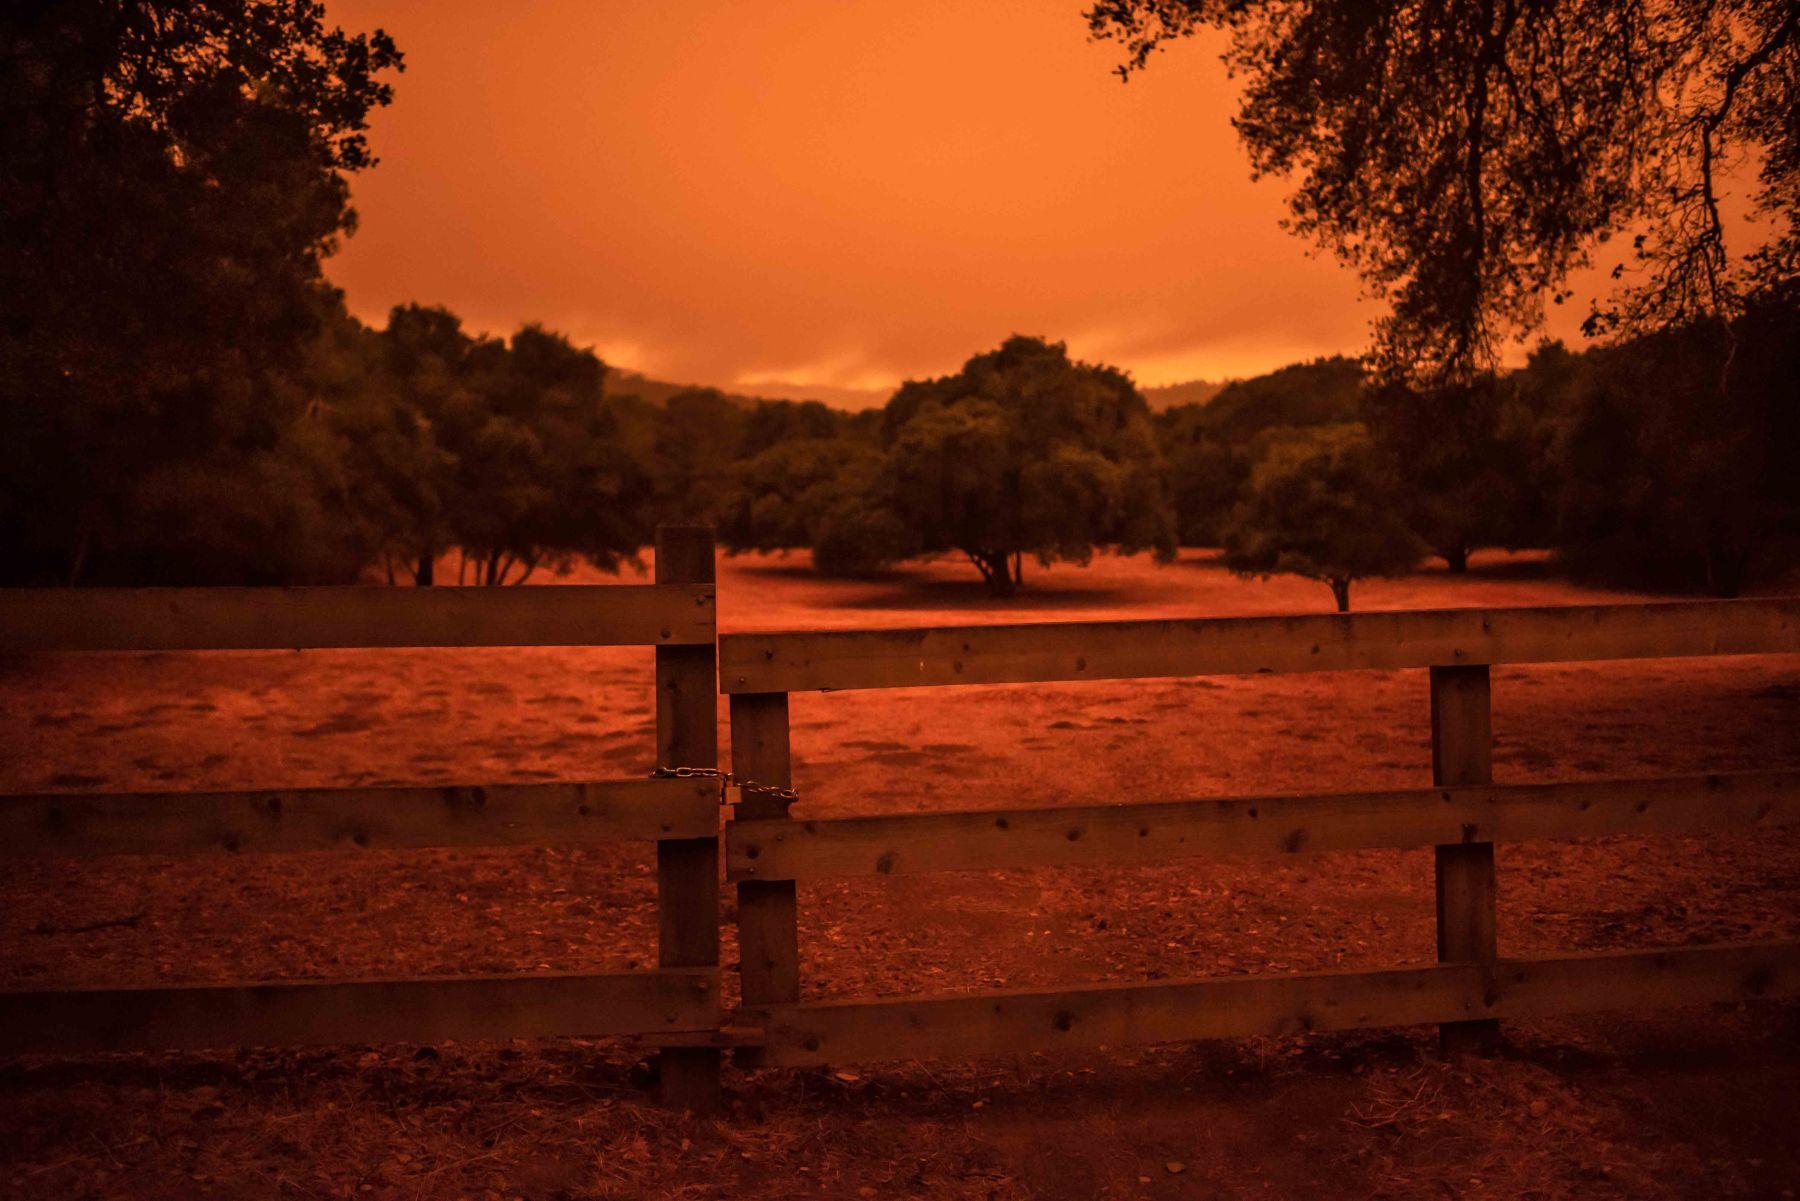 bay area fires backroads woodside fence chain